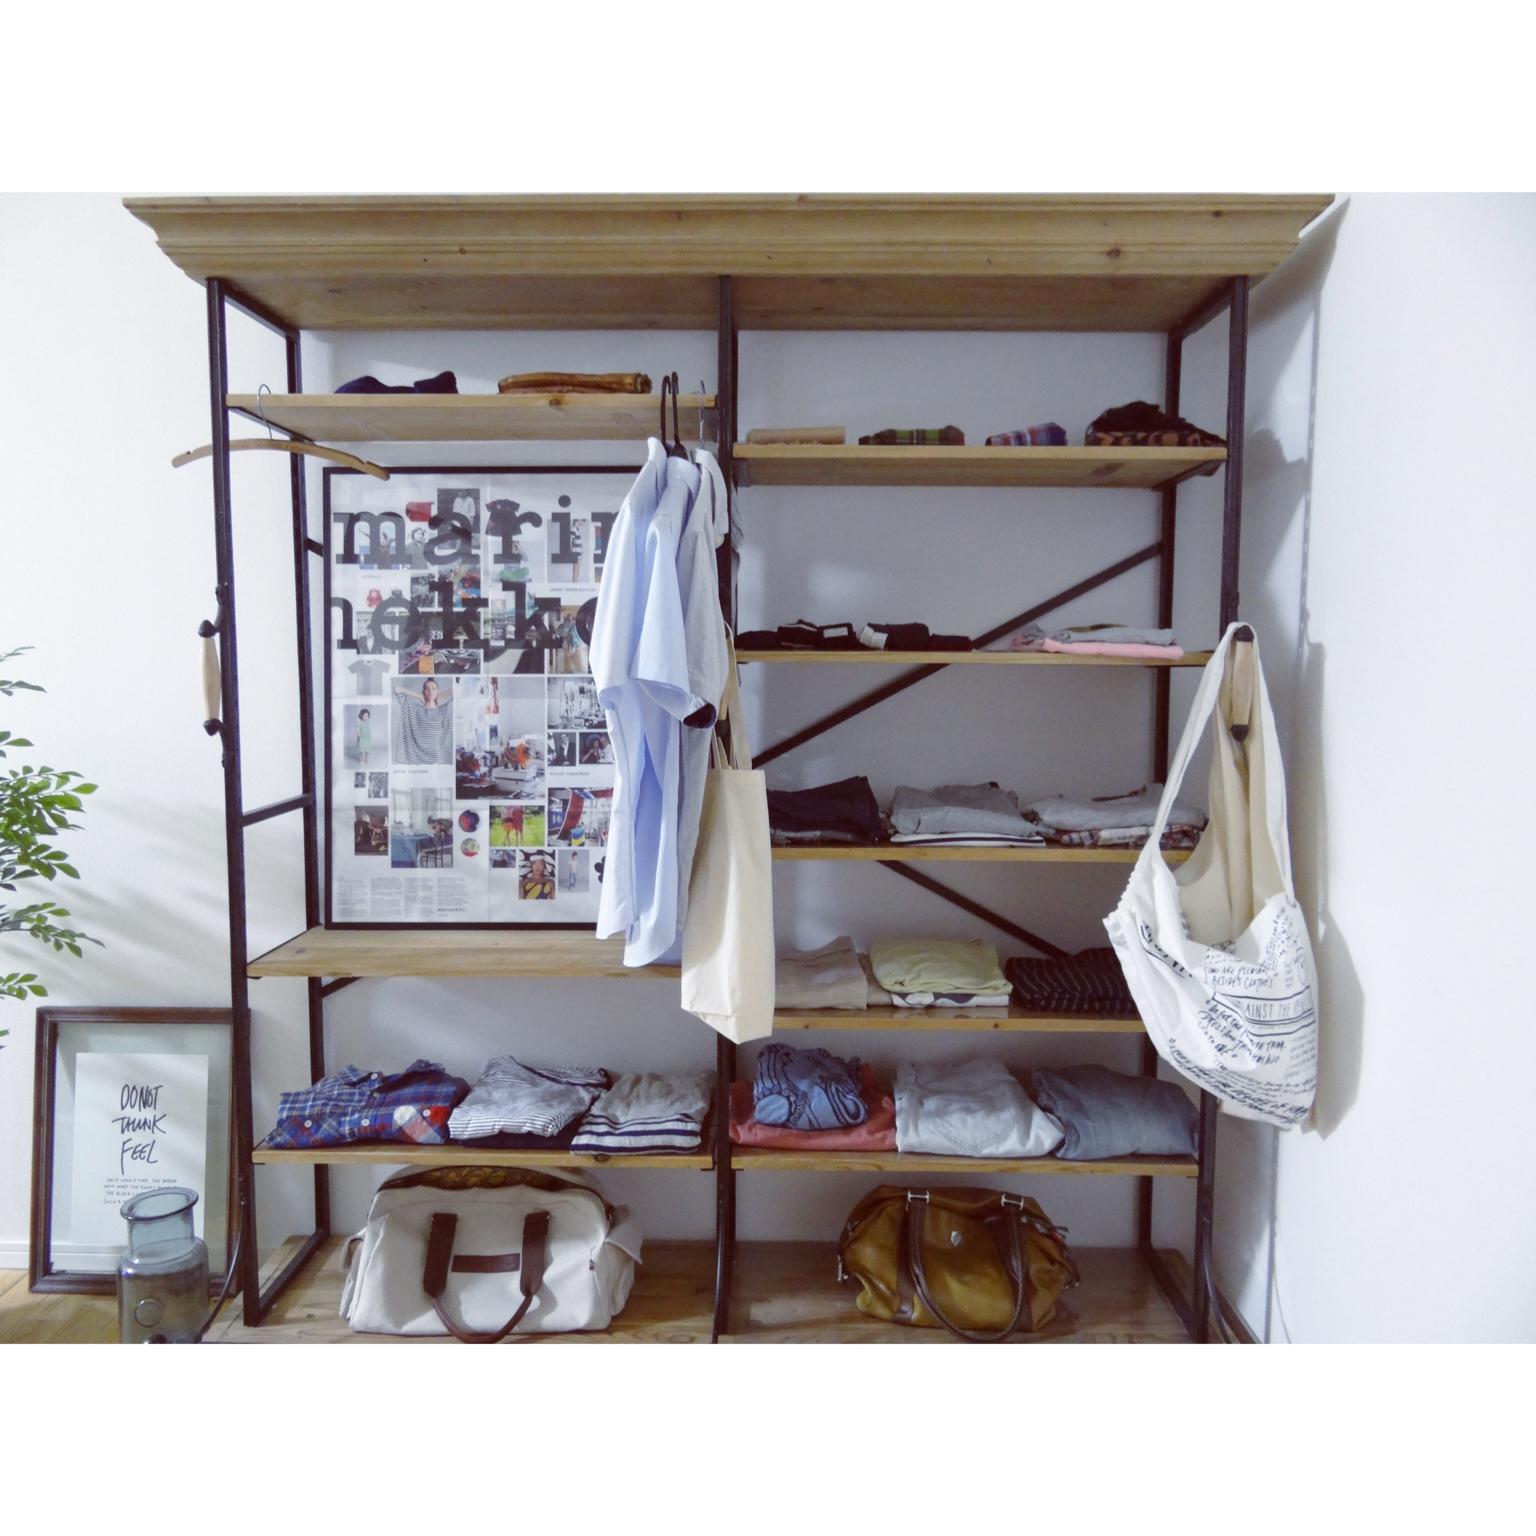 衣替えシーズン!すっきり楽ちんな衣類収納の方法11選 | RoomClip mag | 暮らしとインテリアのwebマガジン